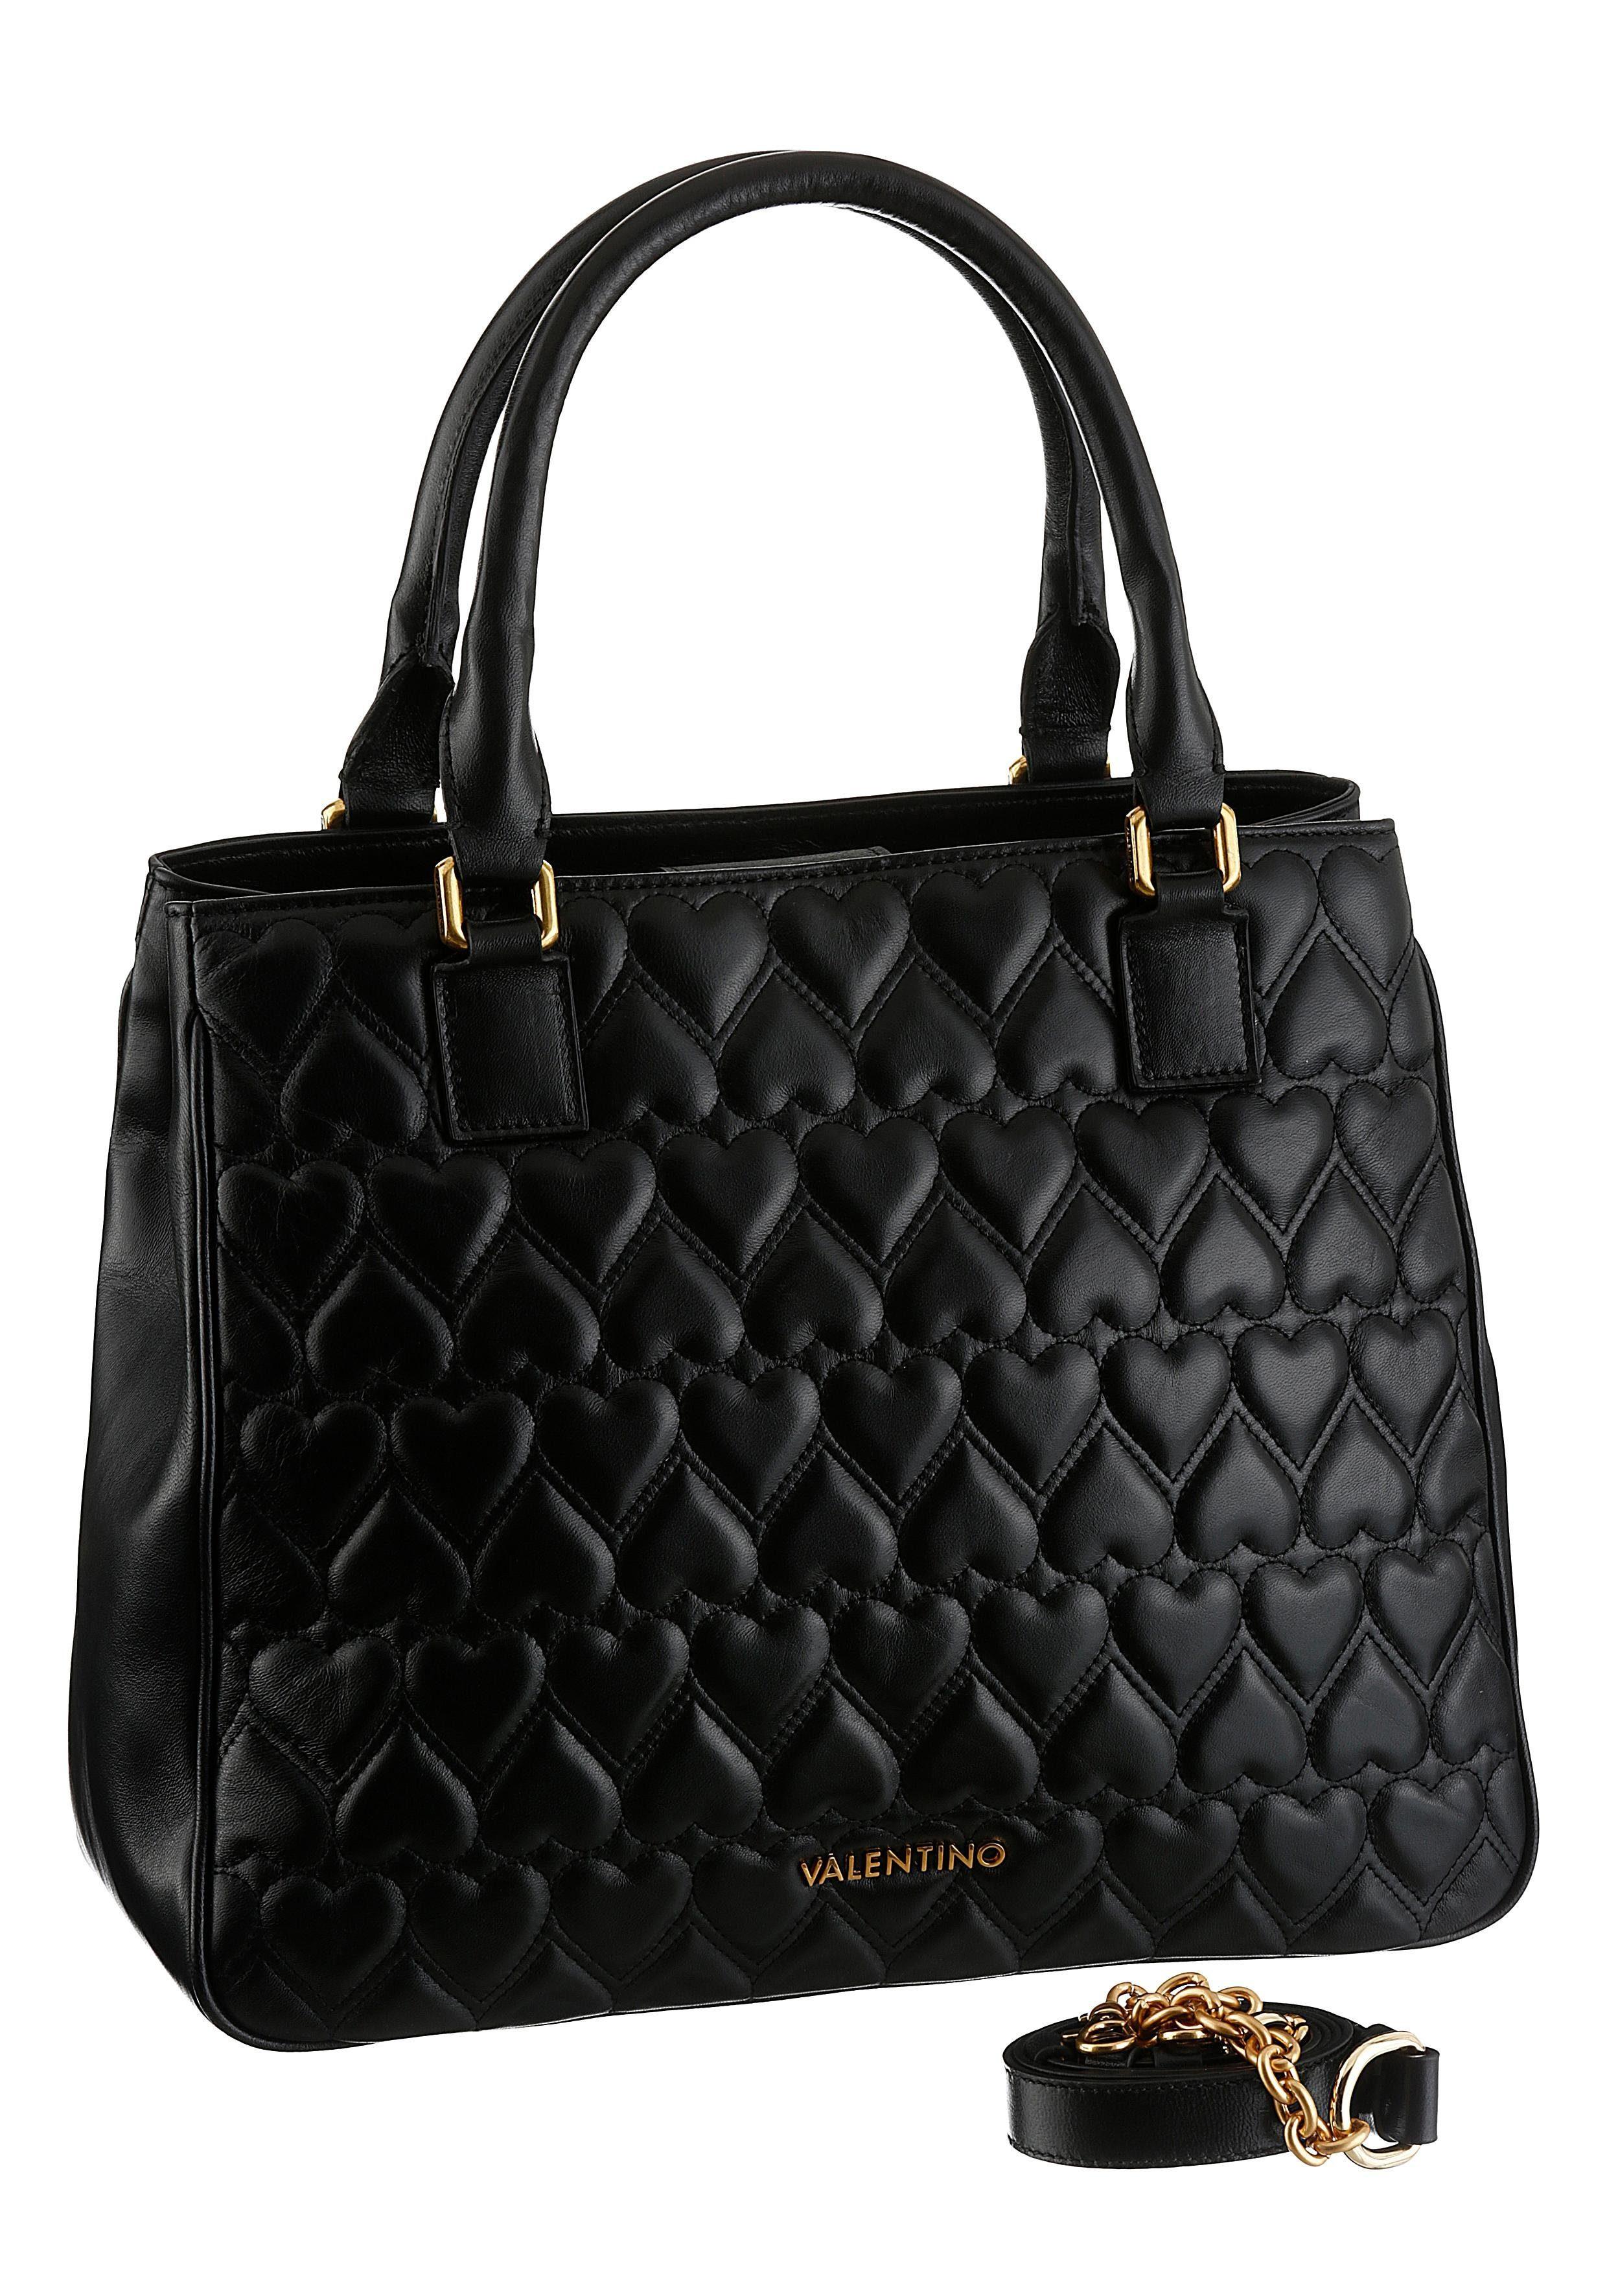 Valentino handbags Shopper »MIAMI«, mit Herz-Prägung